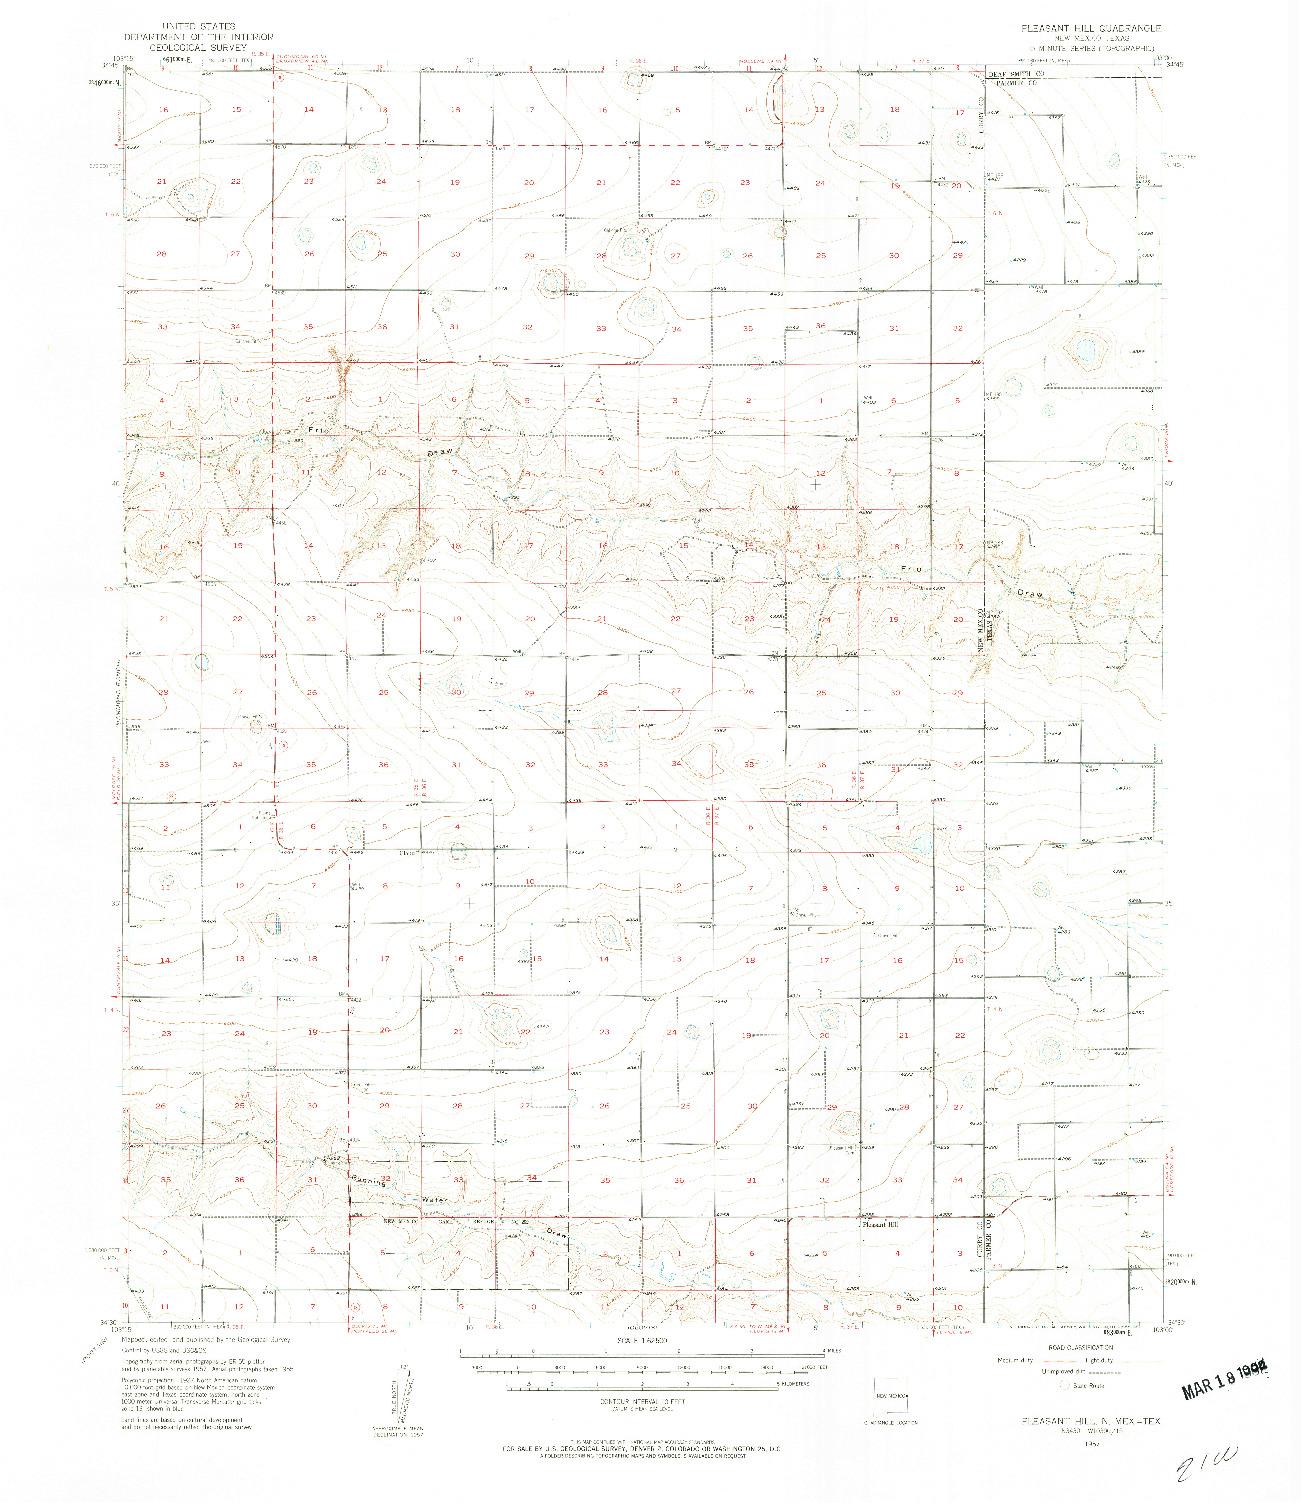 USGS 1:62500-SCALE QUADRANGLE FOR PLEASANT HILL, NM 1957